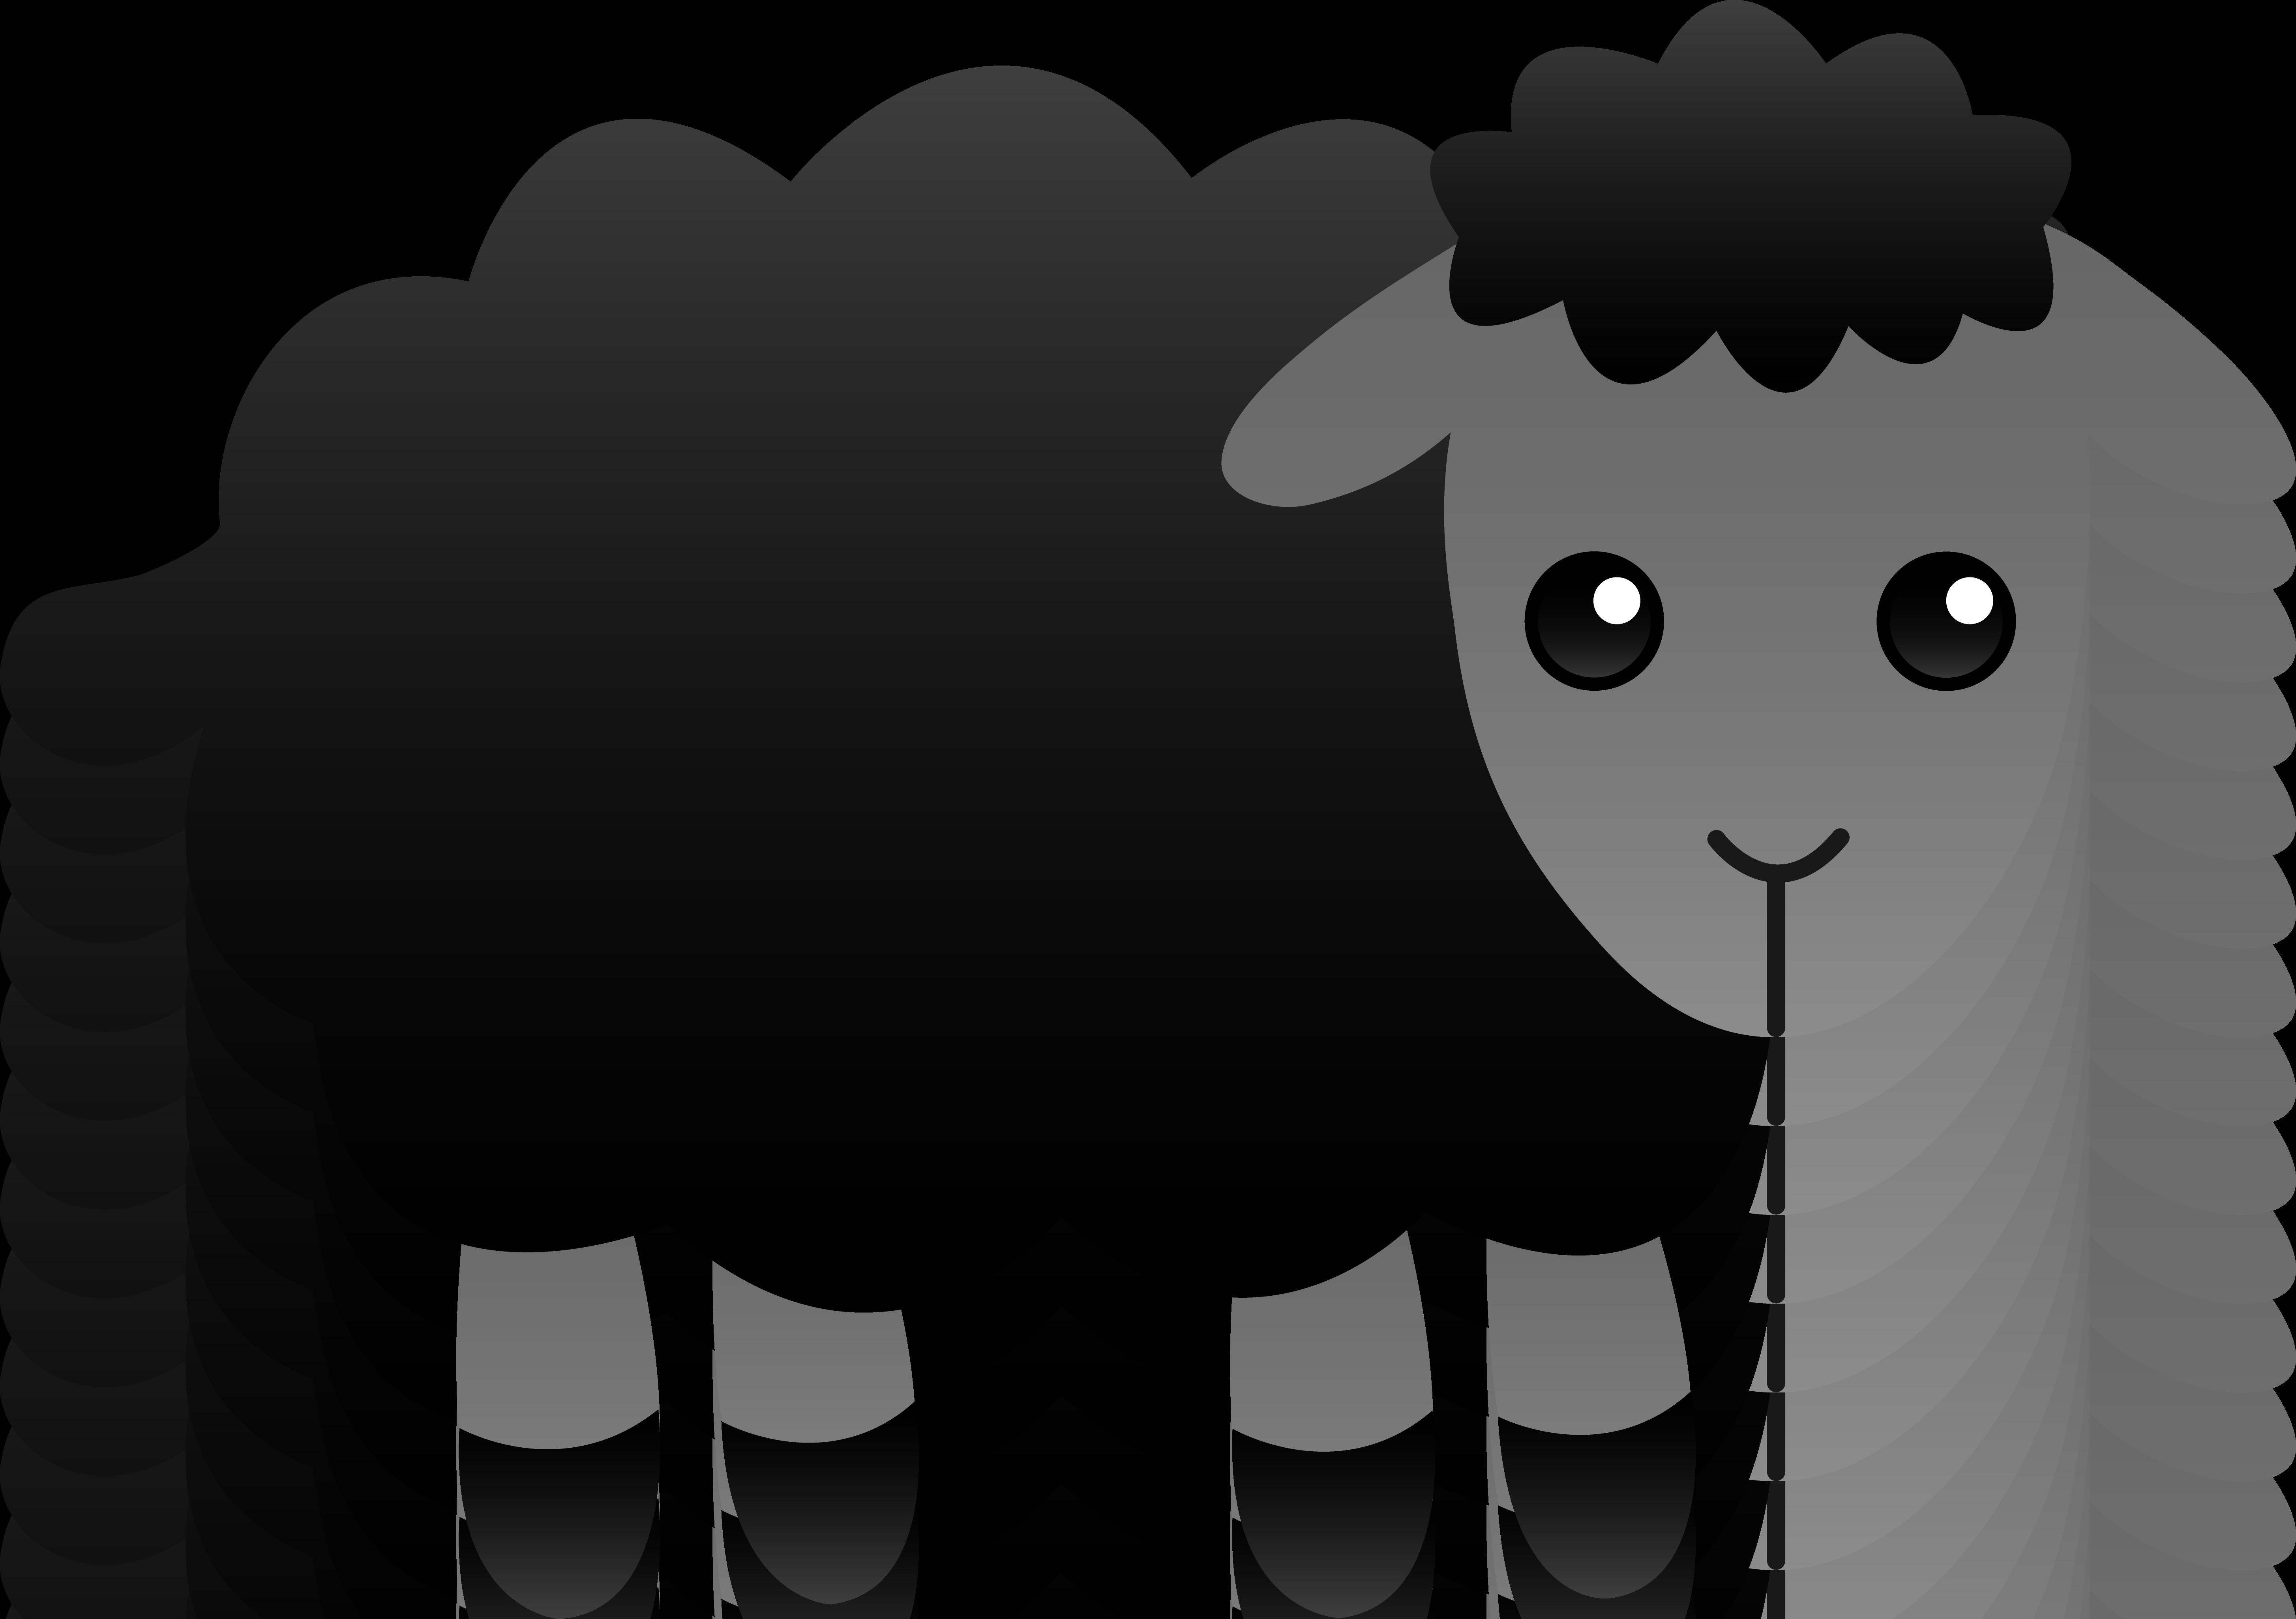 Sheep clipart cute - .-Sheep clipart cute - .-16